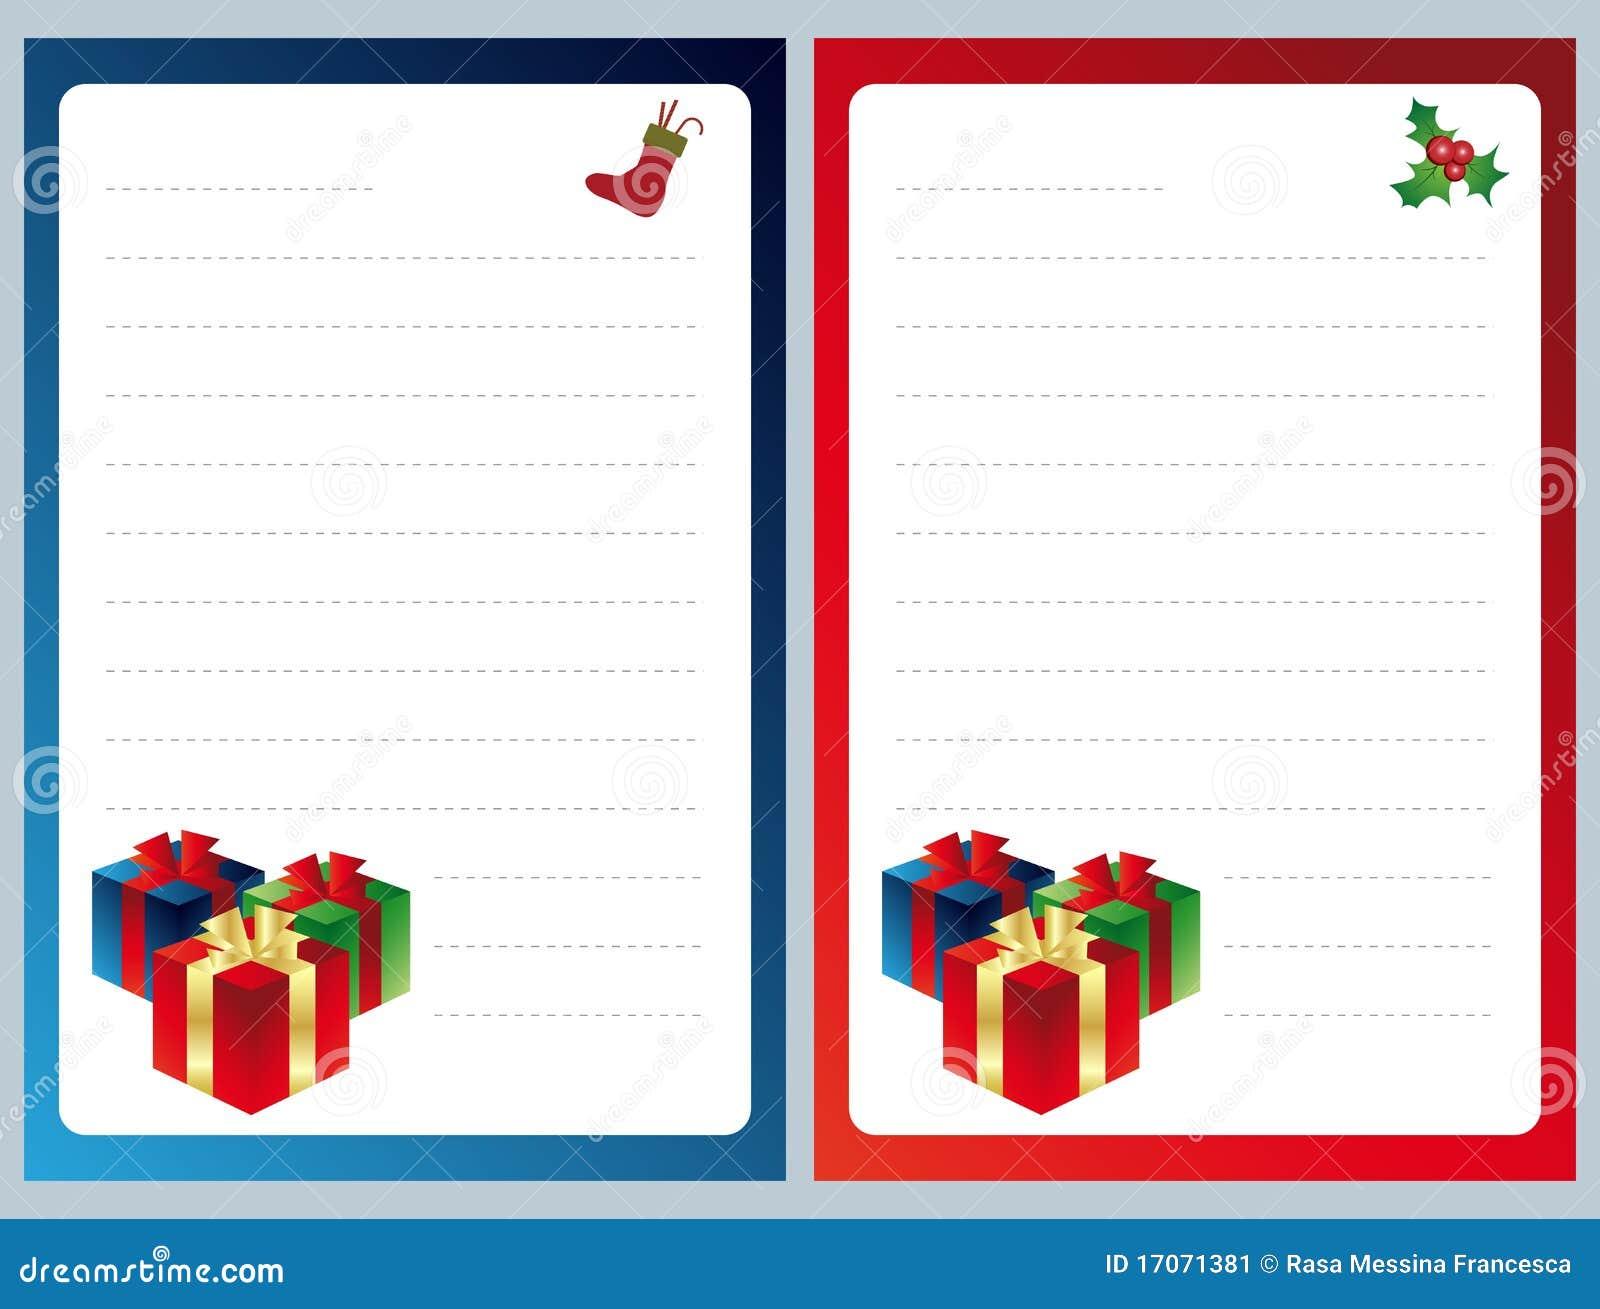 Weihnachtswunschzettel Stockbild Bild 17071381